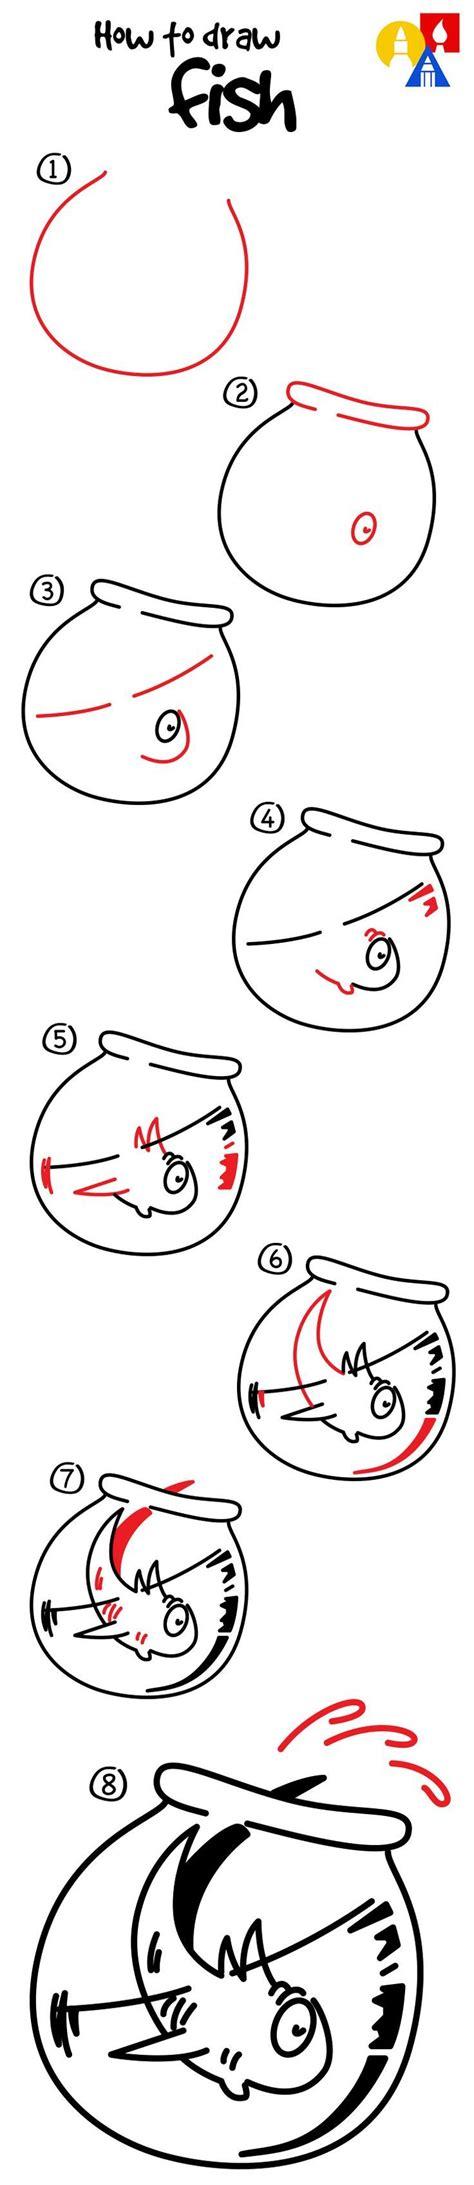 draw fish   cat   hat art  kids